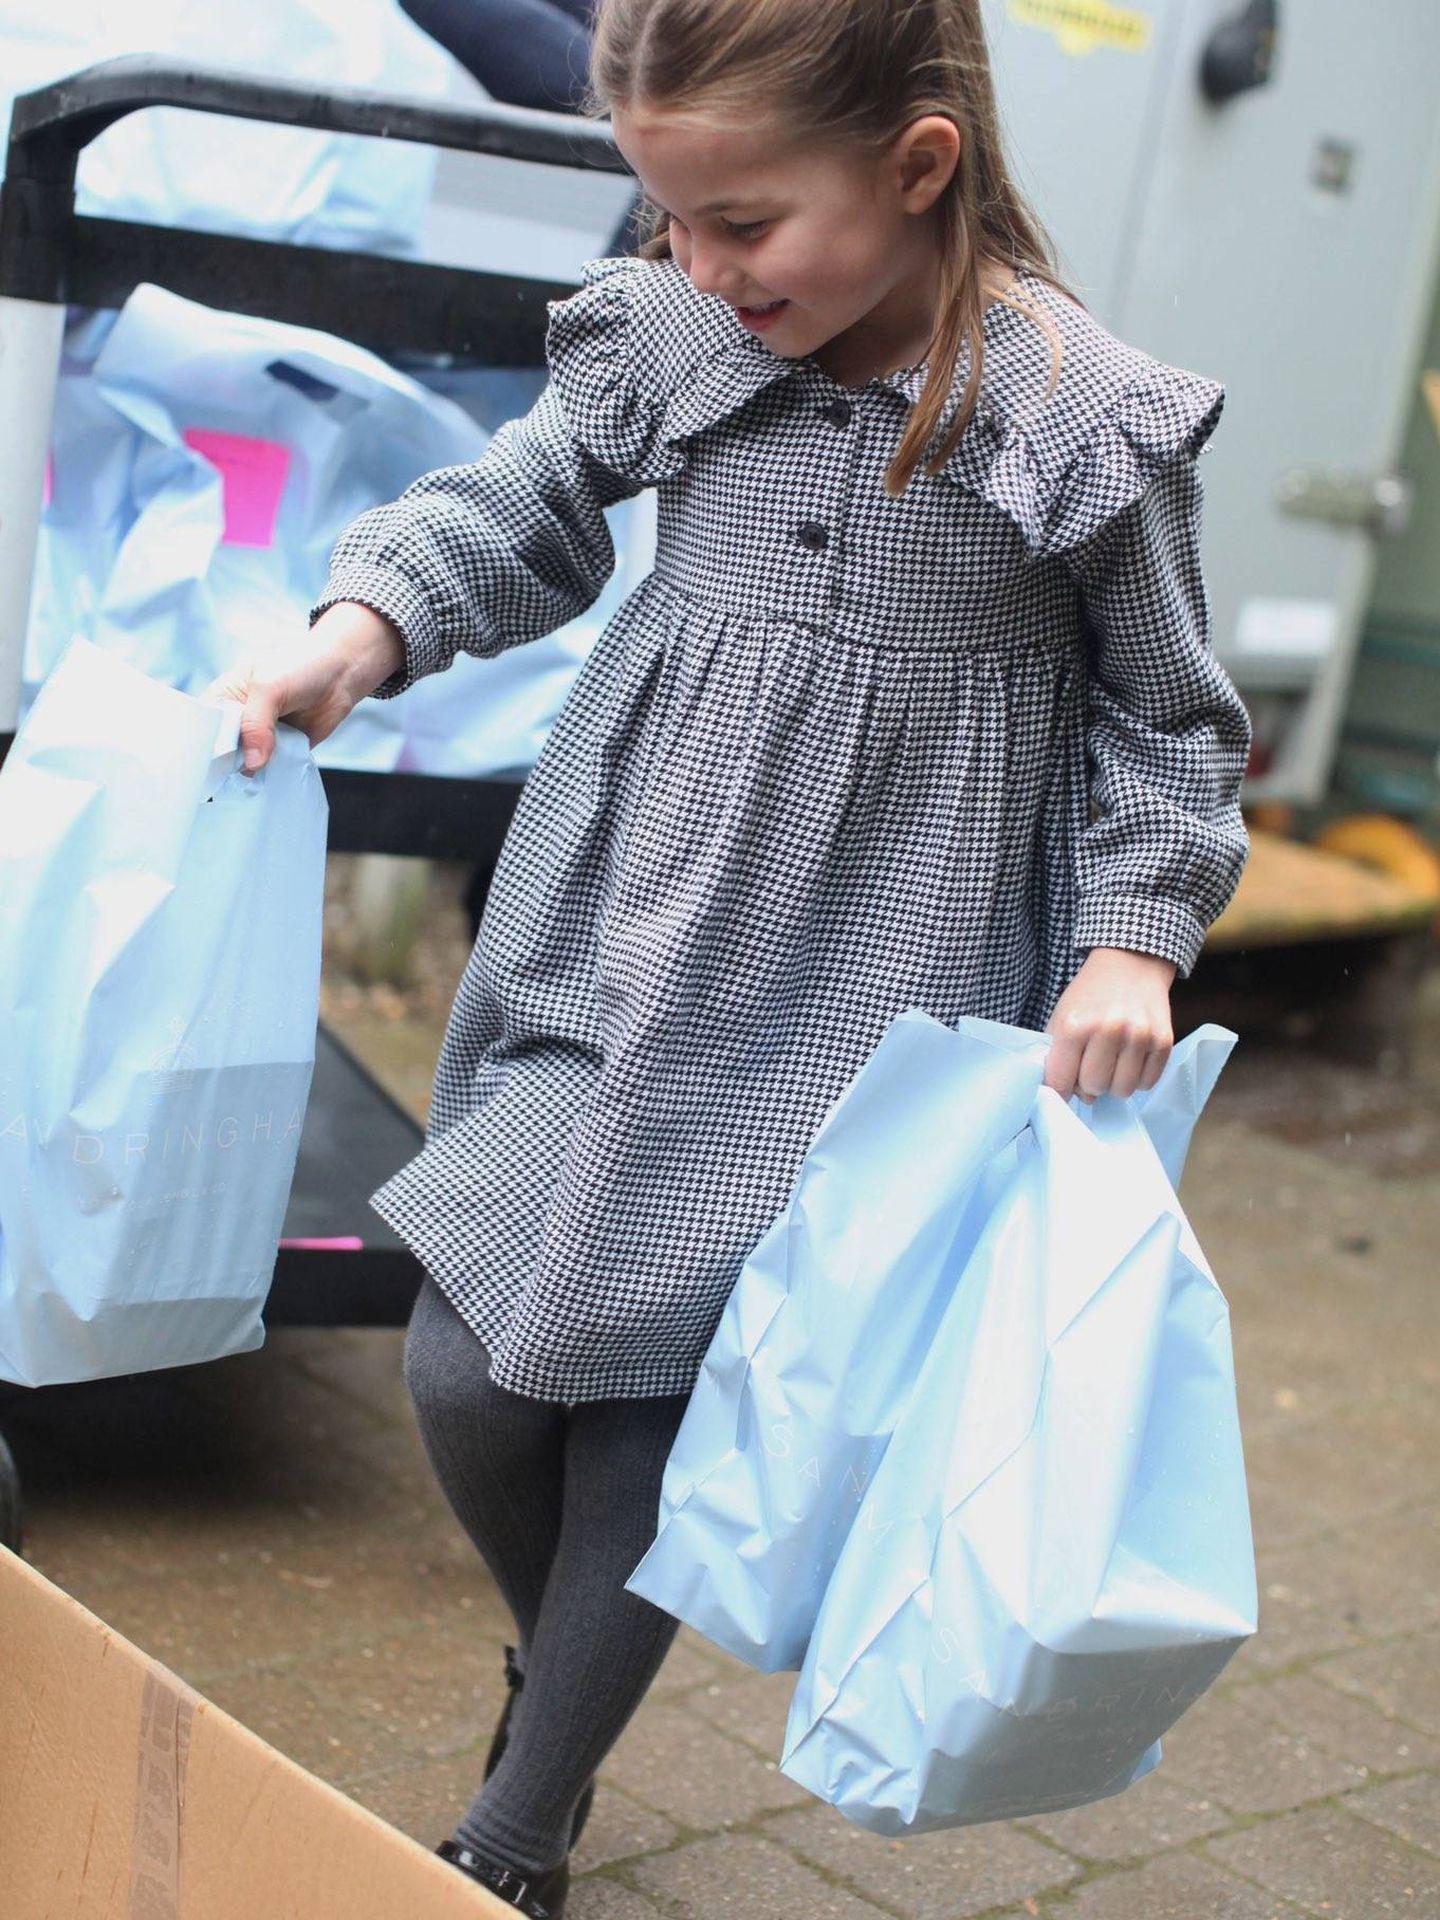 La princesa Charlotte, en las fotografías que publicaron por su cumpleaños. (Kate Middleton / Kensington Palace)